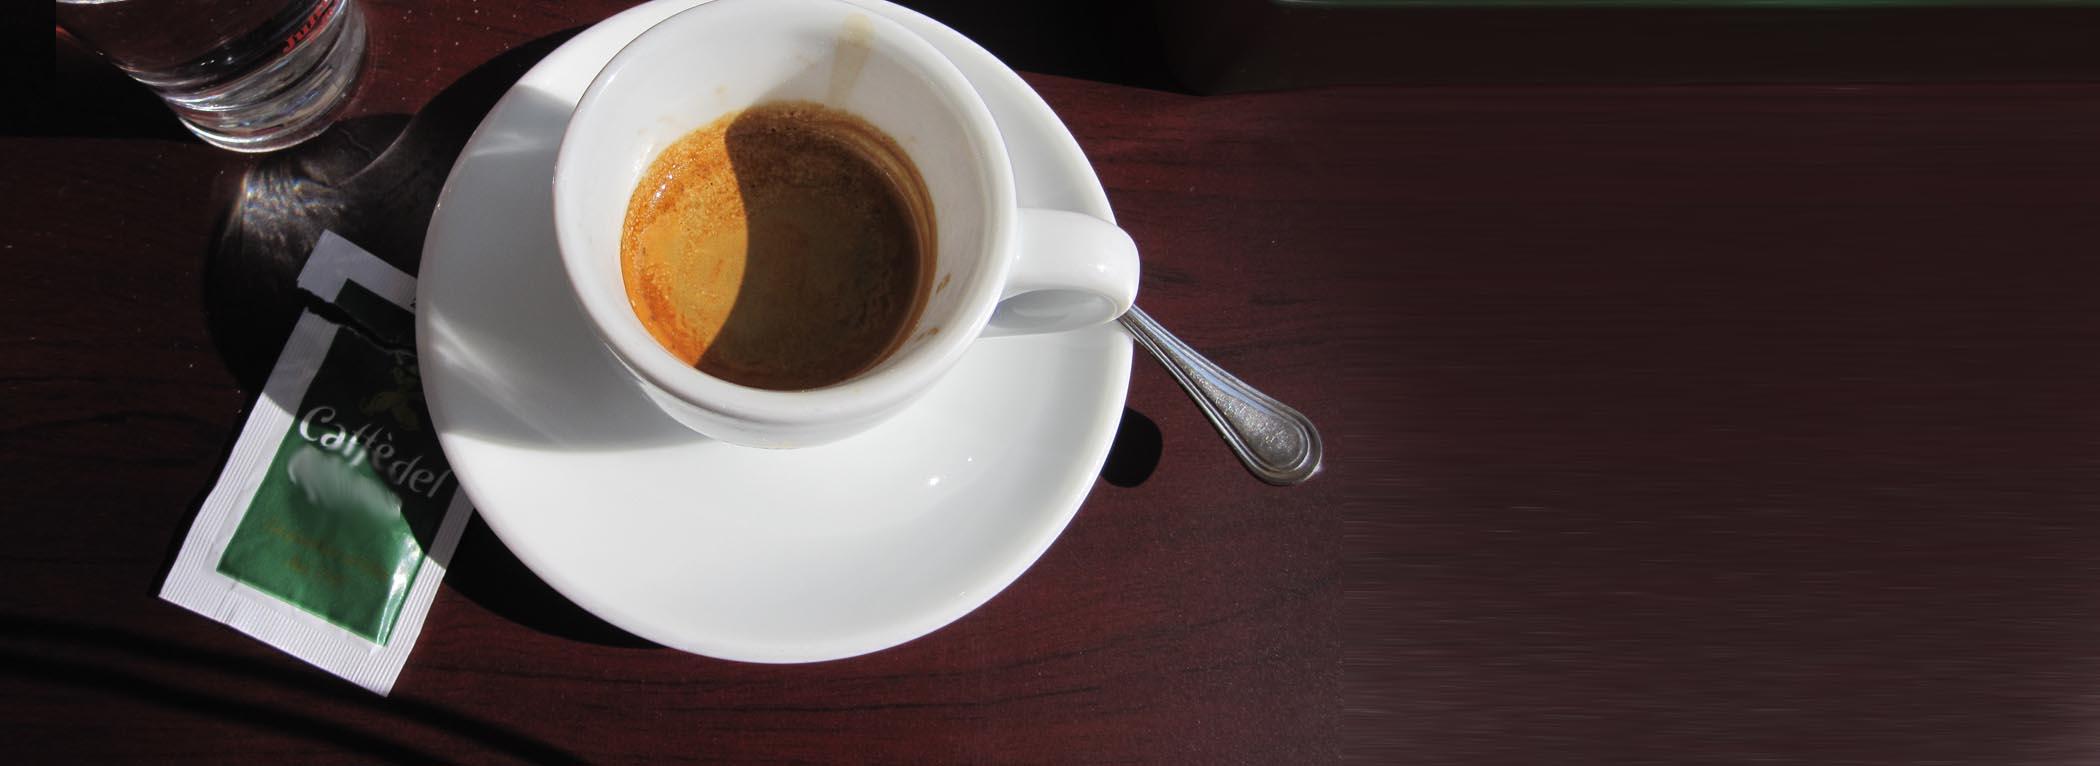 Espresso auf einem Tisch